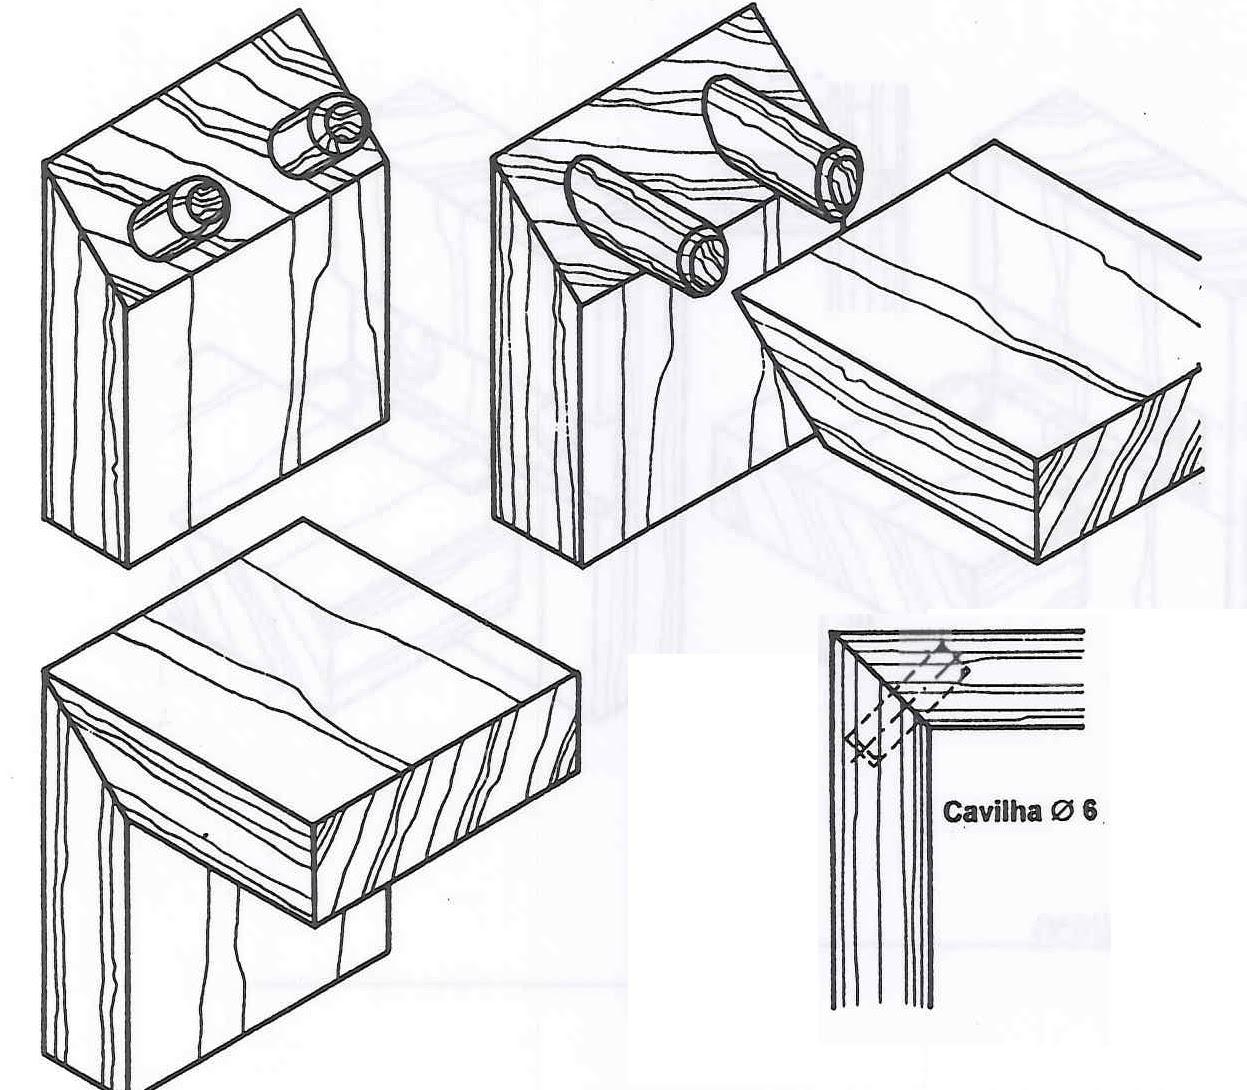 Técnicas de marcenaria: Encaixes em madeira #5F5F6C 1247x1090